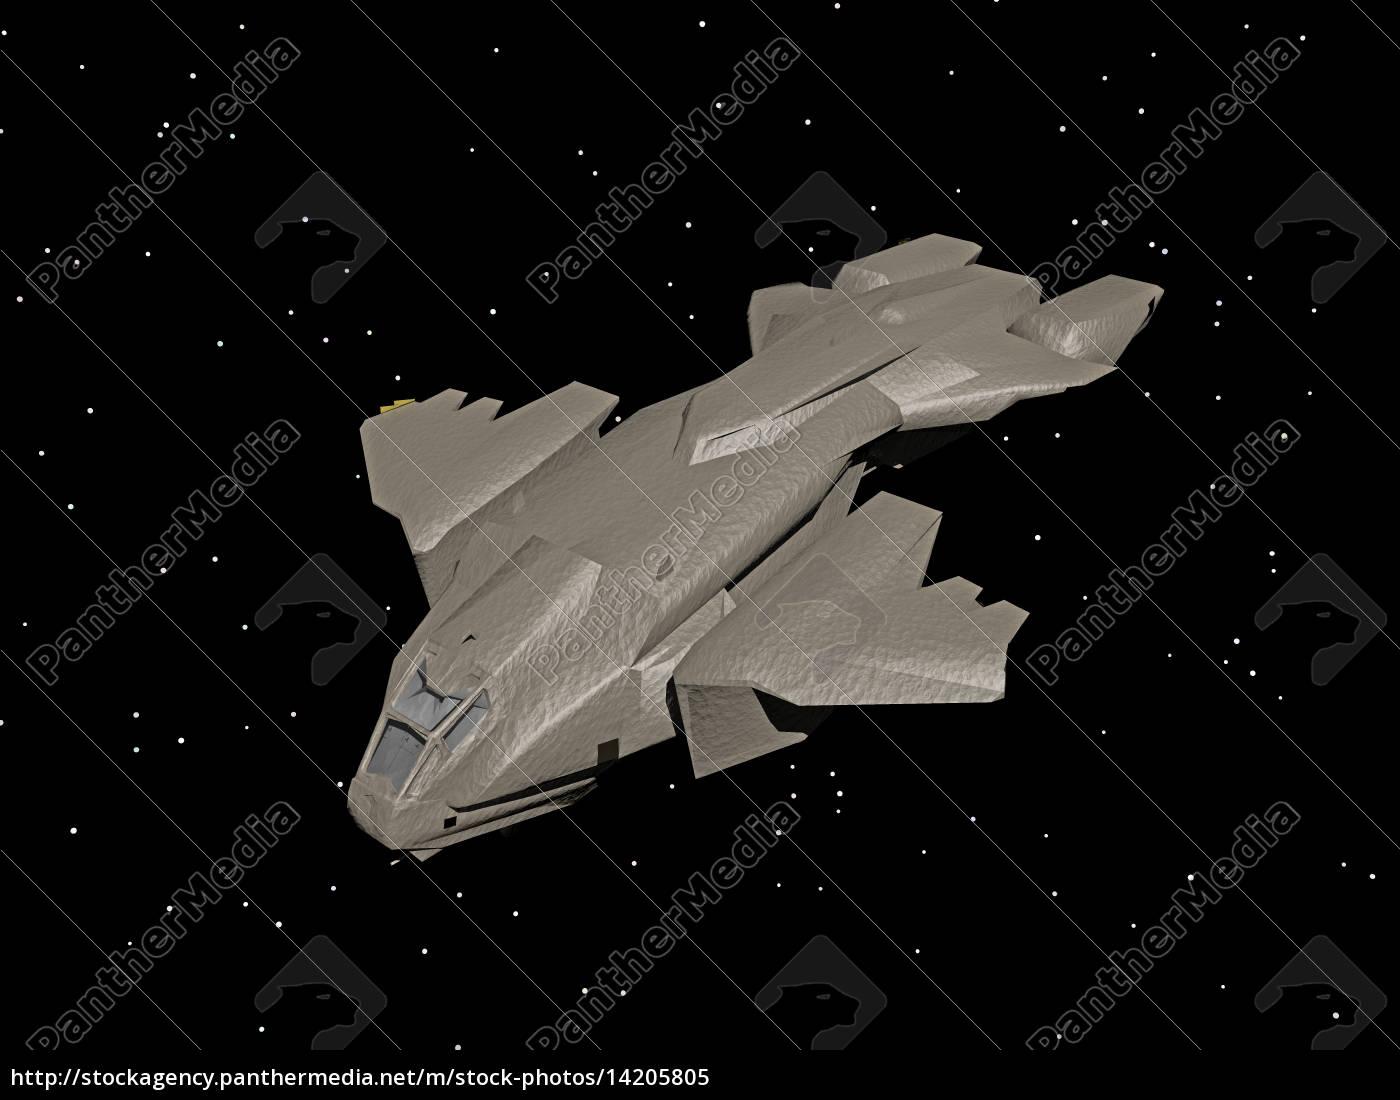 alien raumschiff auf der erde - Stockfoto - #21325758